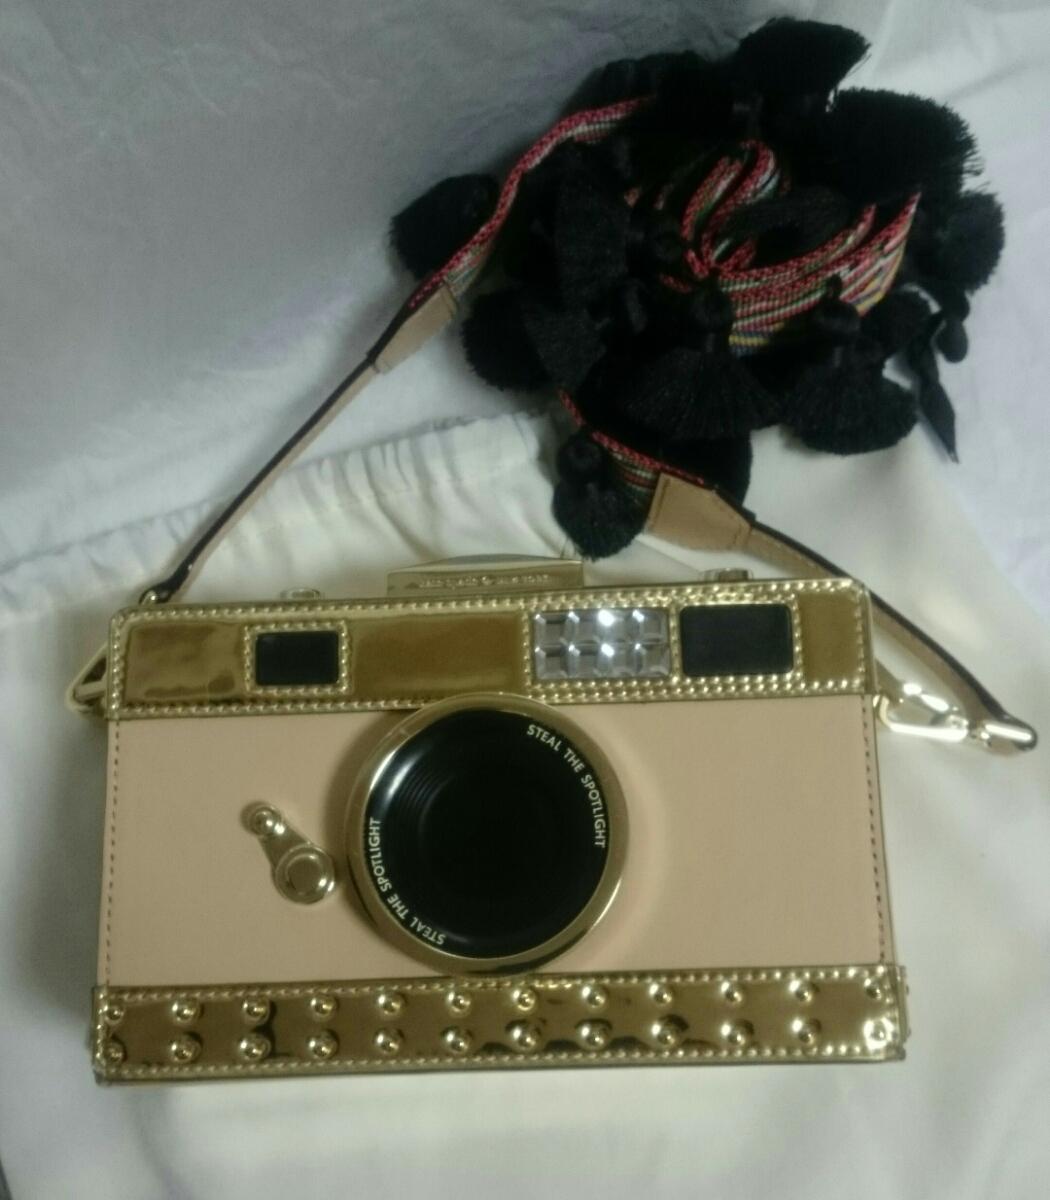 ケイトスペード カメラバッグ spice things up camera bag kate spade new york ショルダーバッグ